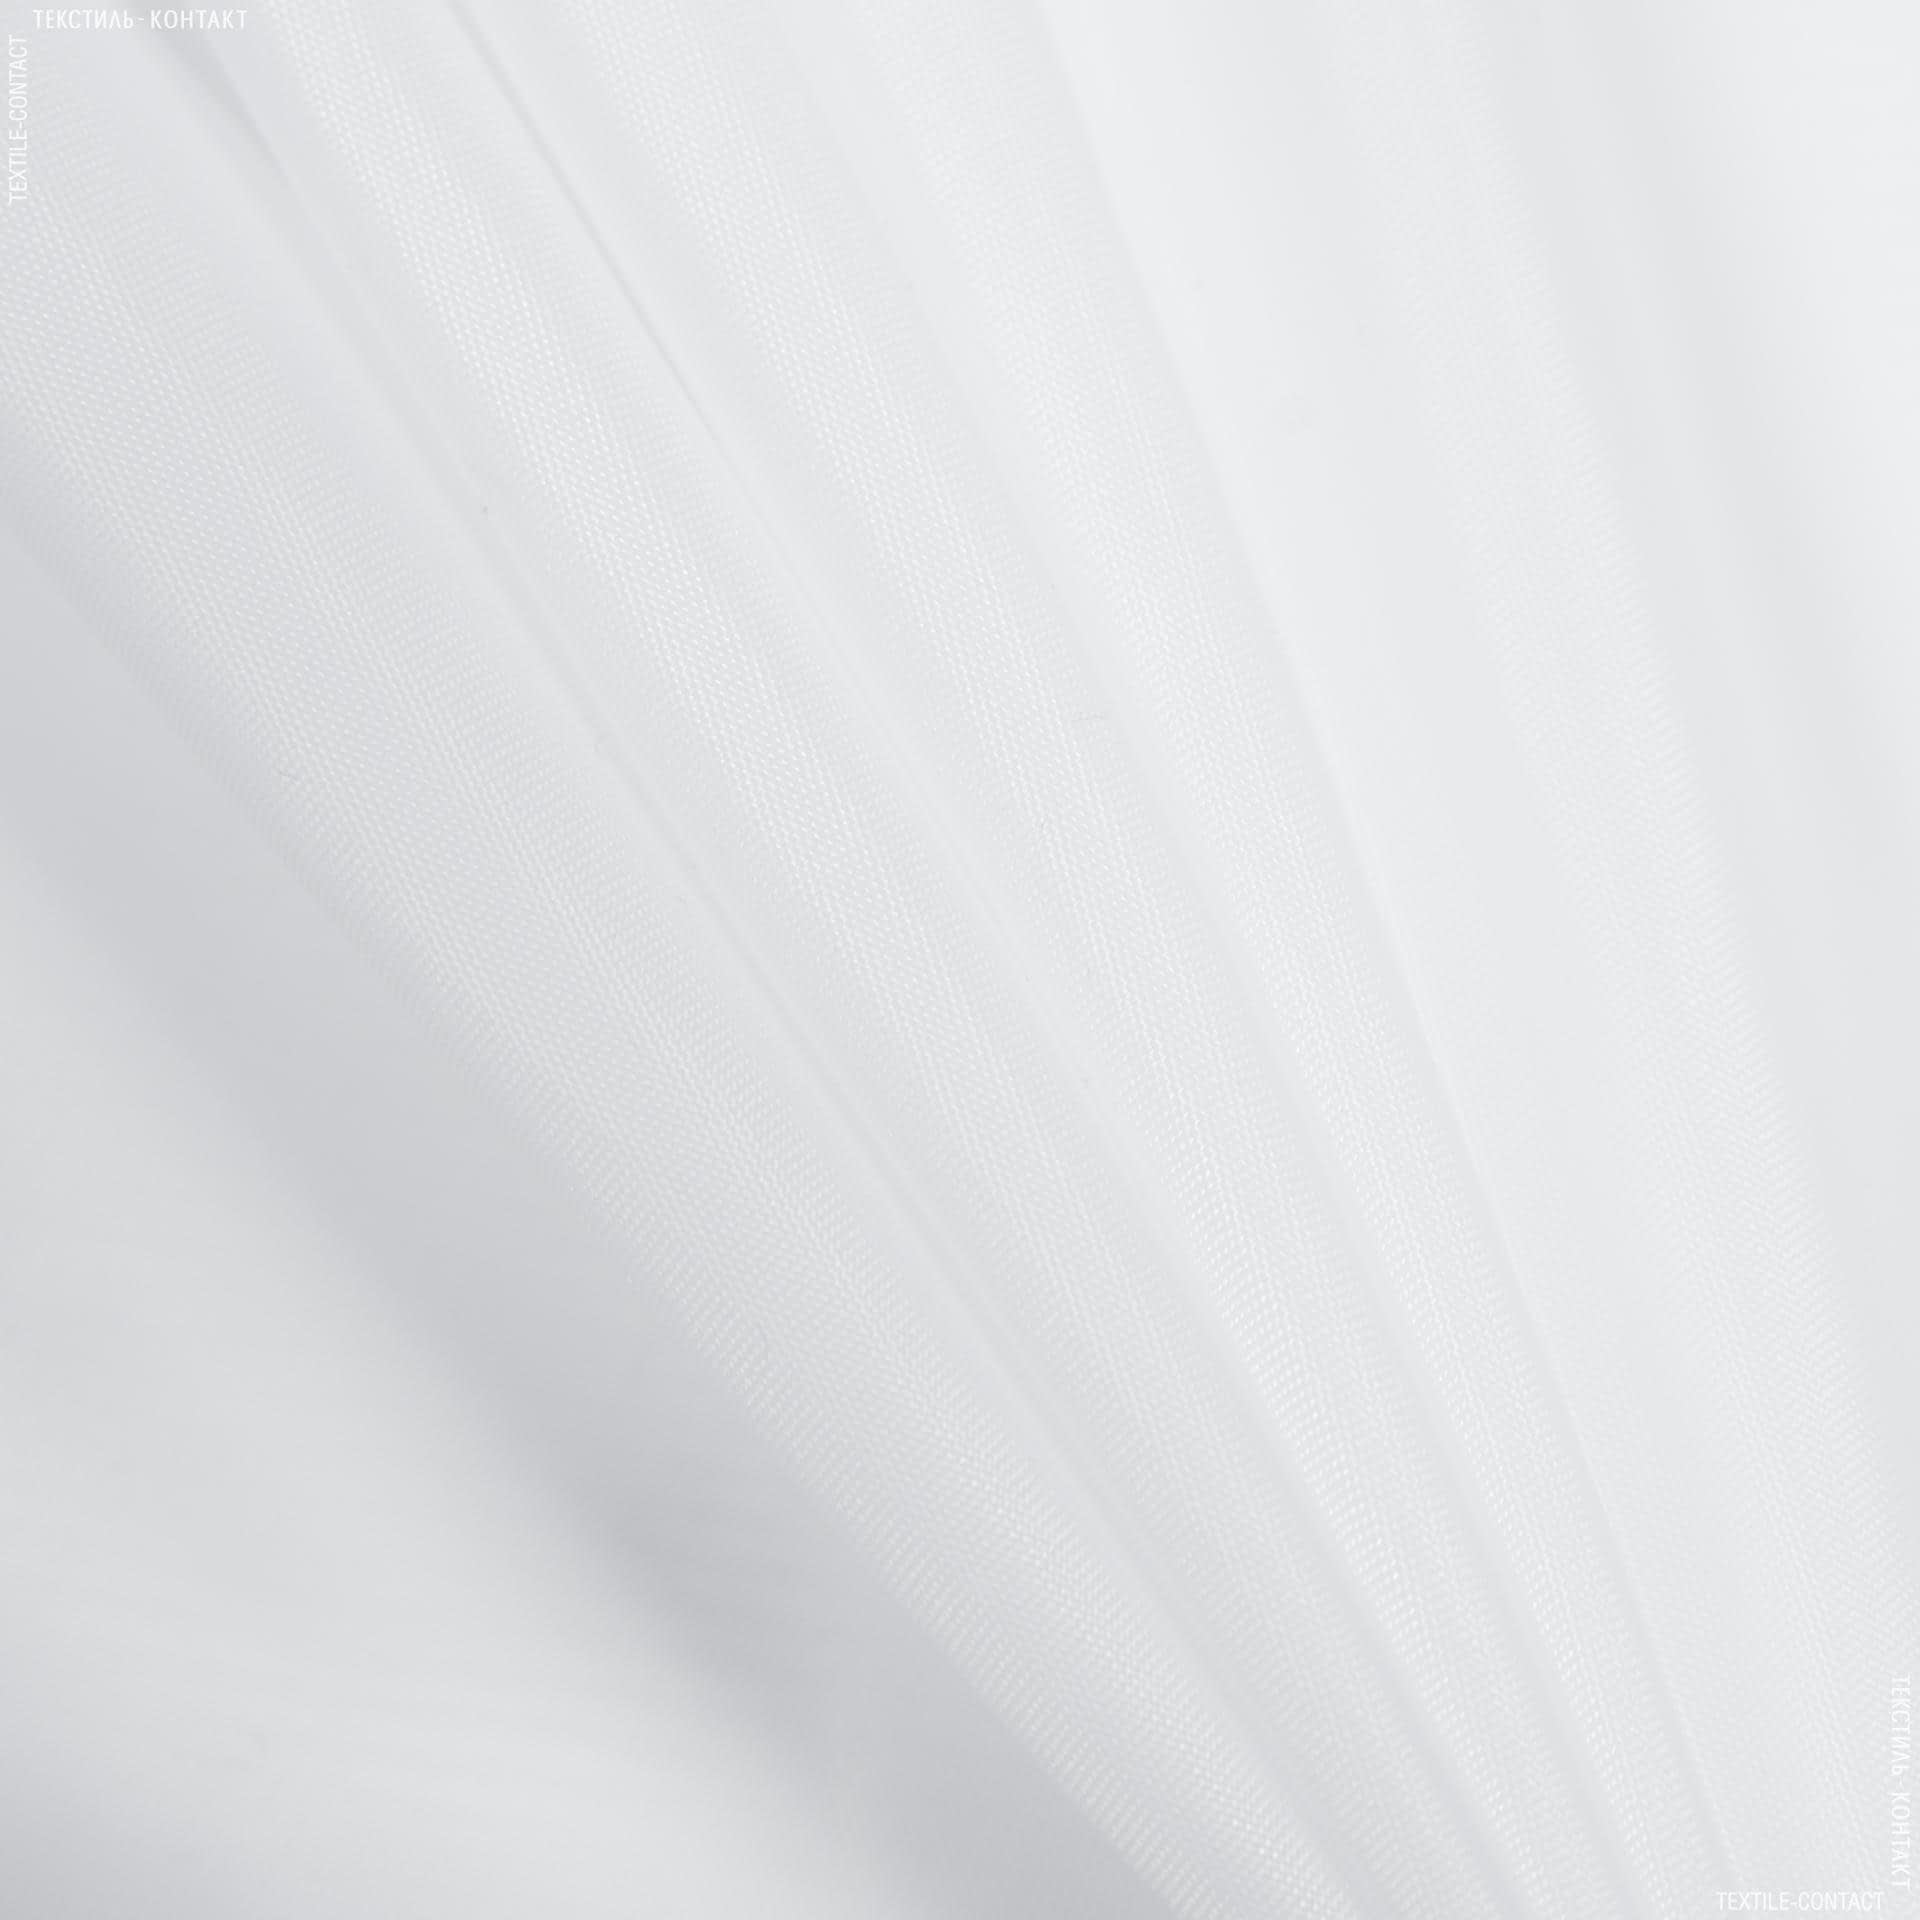 Тканини підкладкова тканина - Підкладка 190т білий